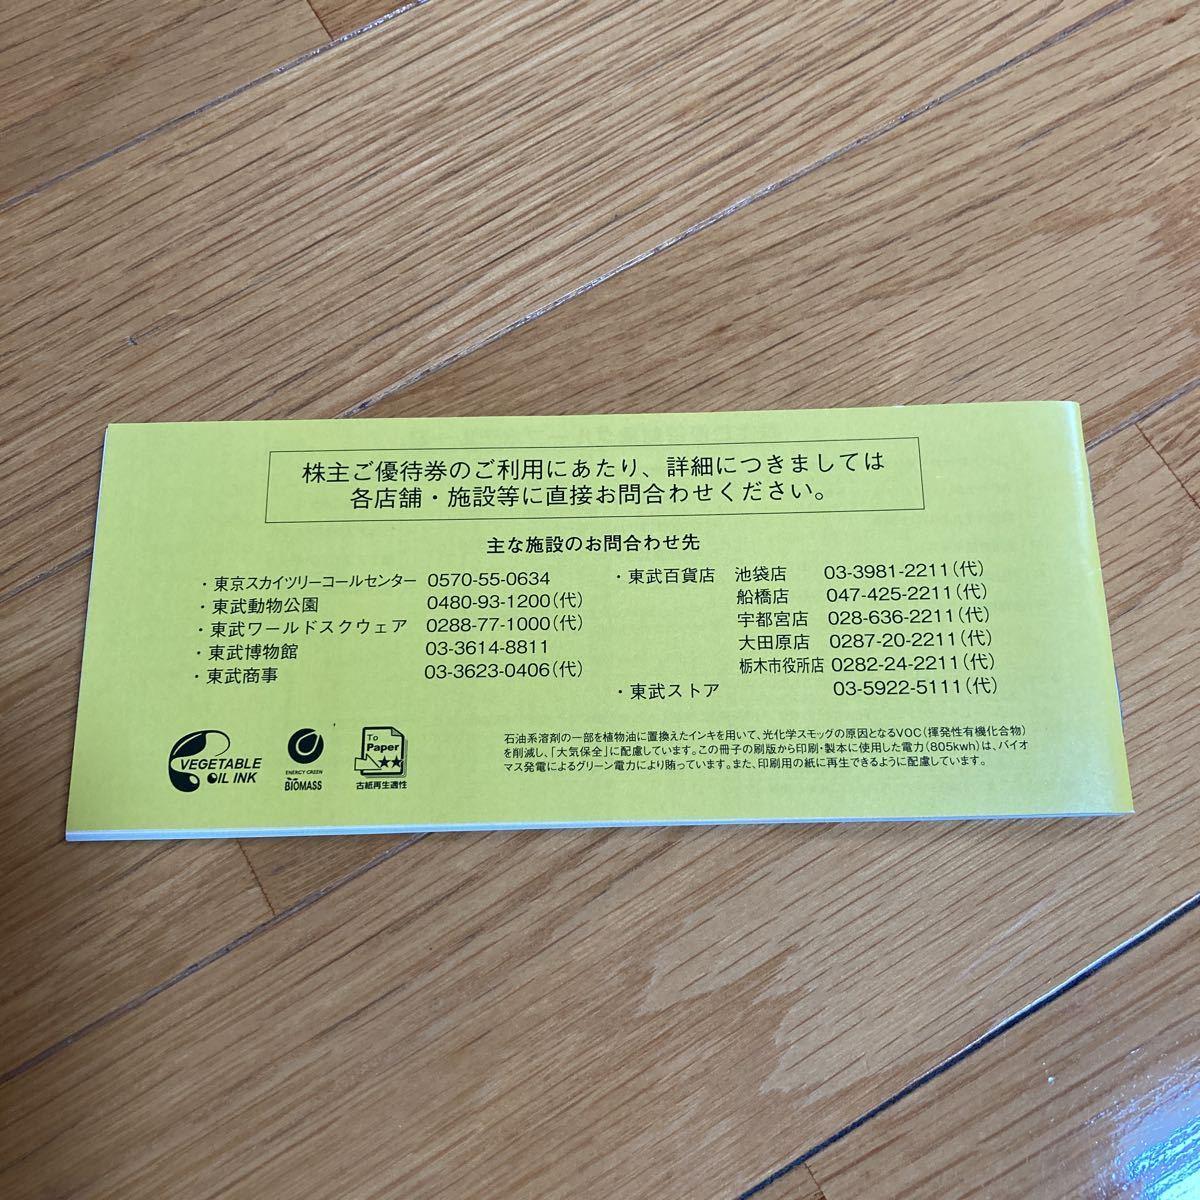 東武鉄道株式会社 株主ご優待券 有効期限2021.12.31_画像2